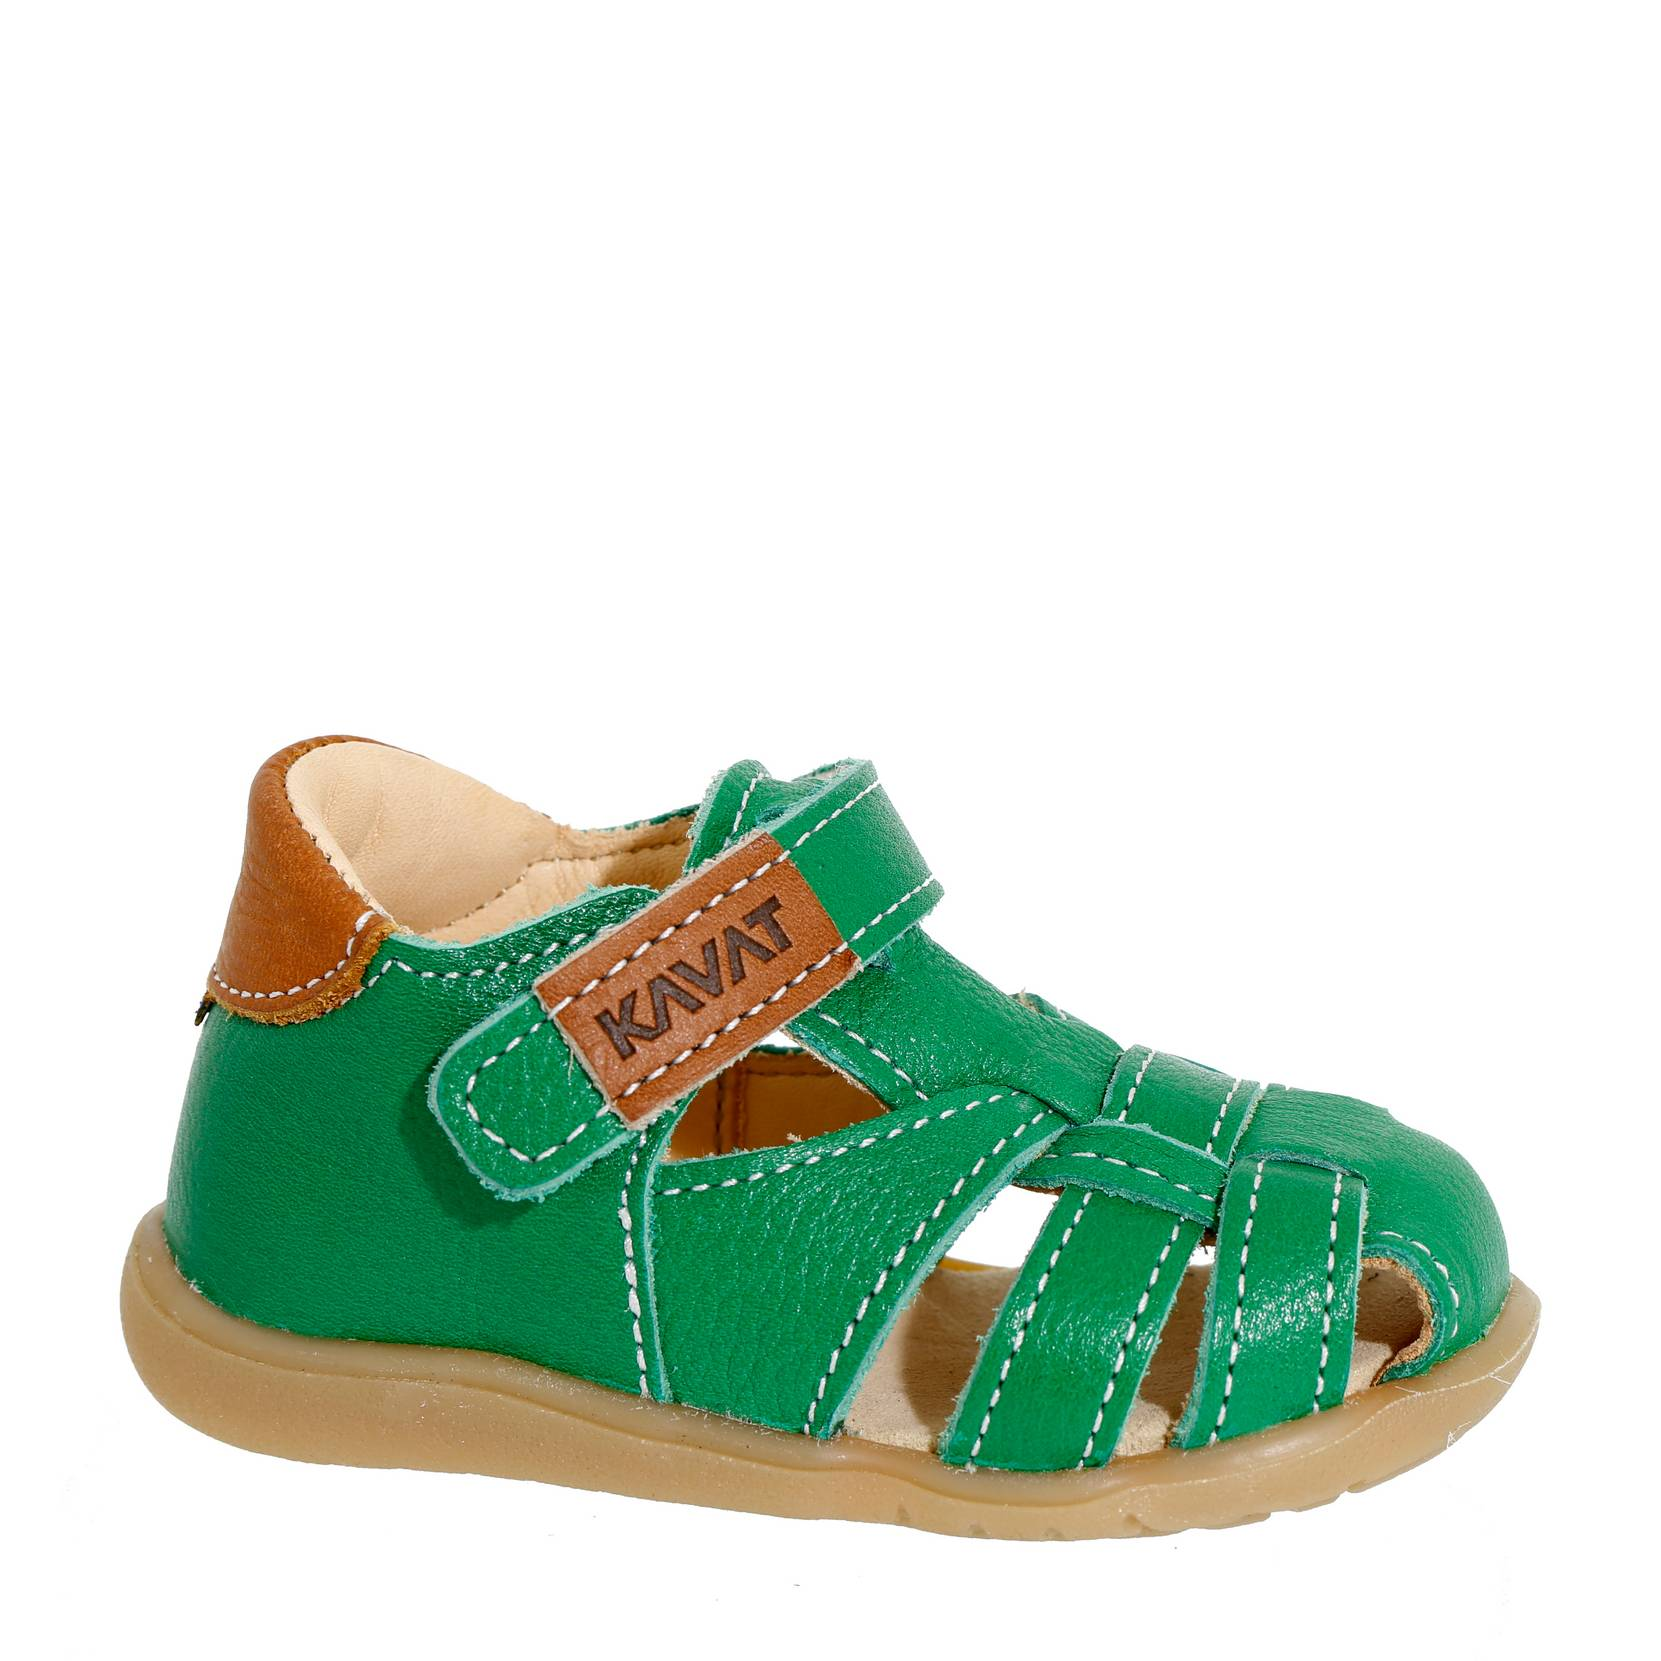 ae2c8fc61021 Sandal Rullsand Eco af økologisk skind Kavat Sandaler til Børn i Grøn